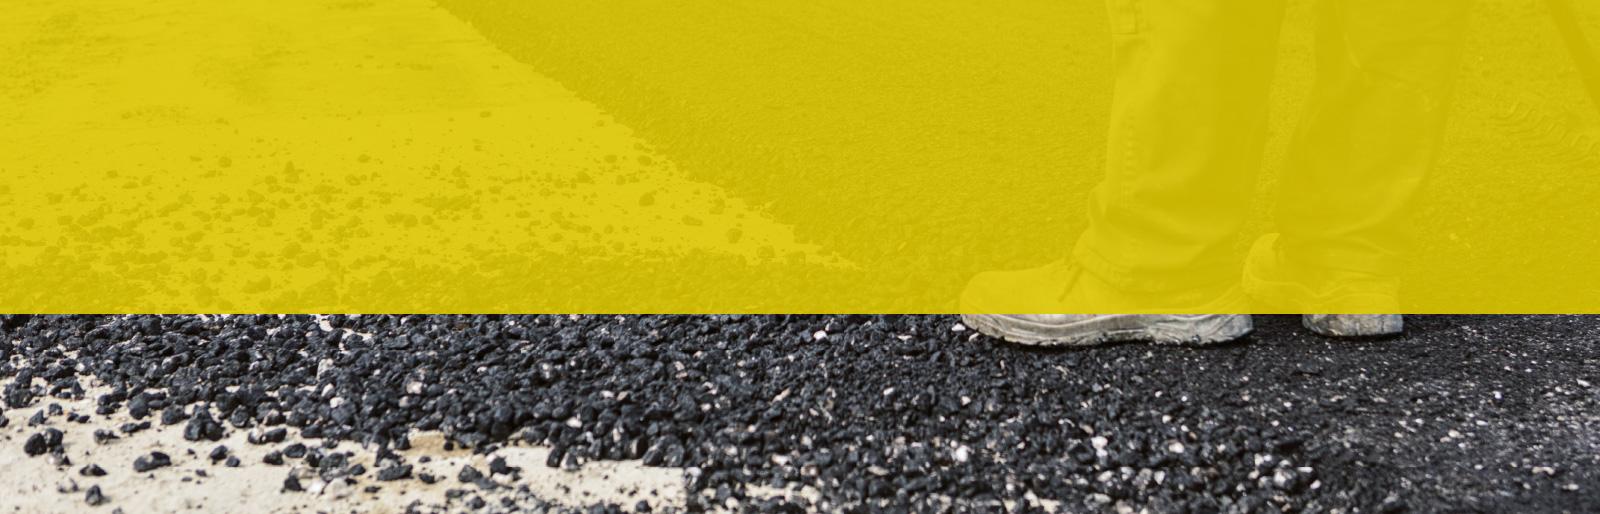 utilizzo-professionale-faidate-adriatica-asfalti